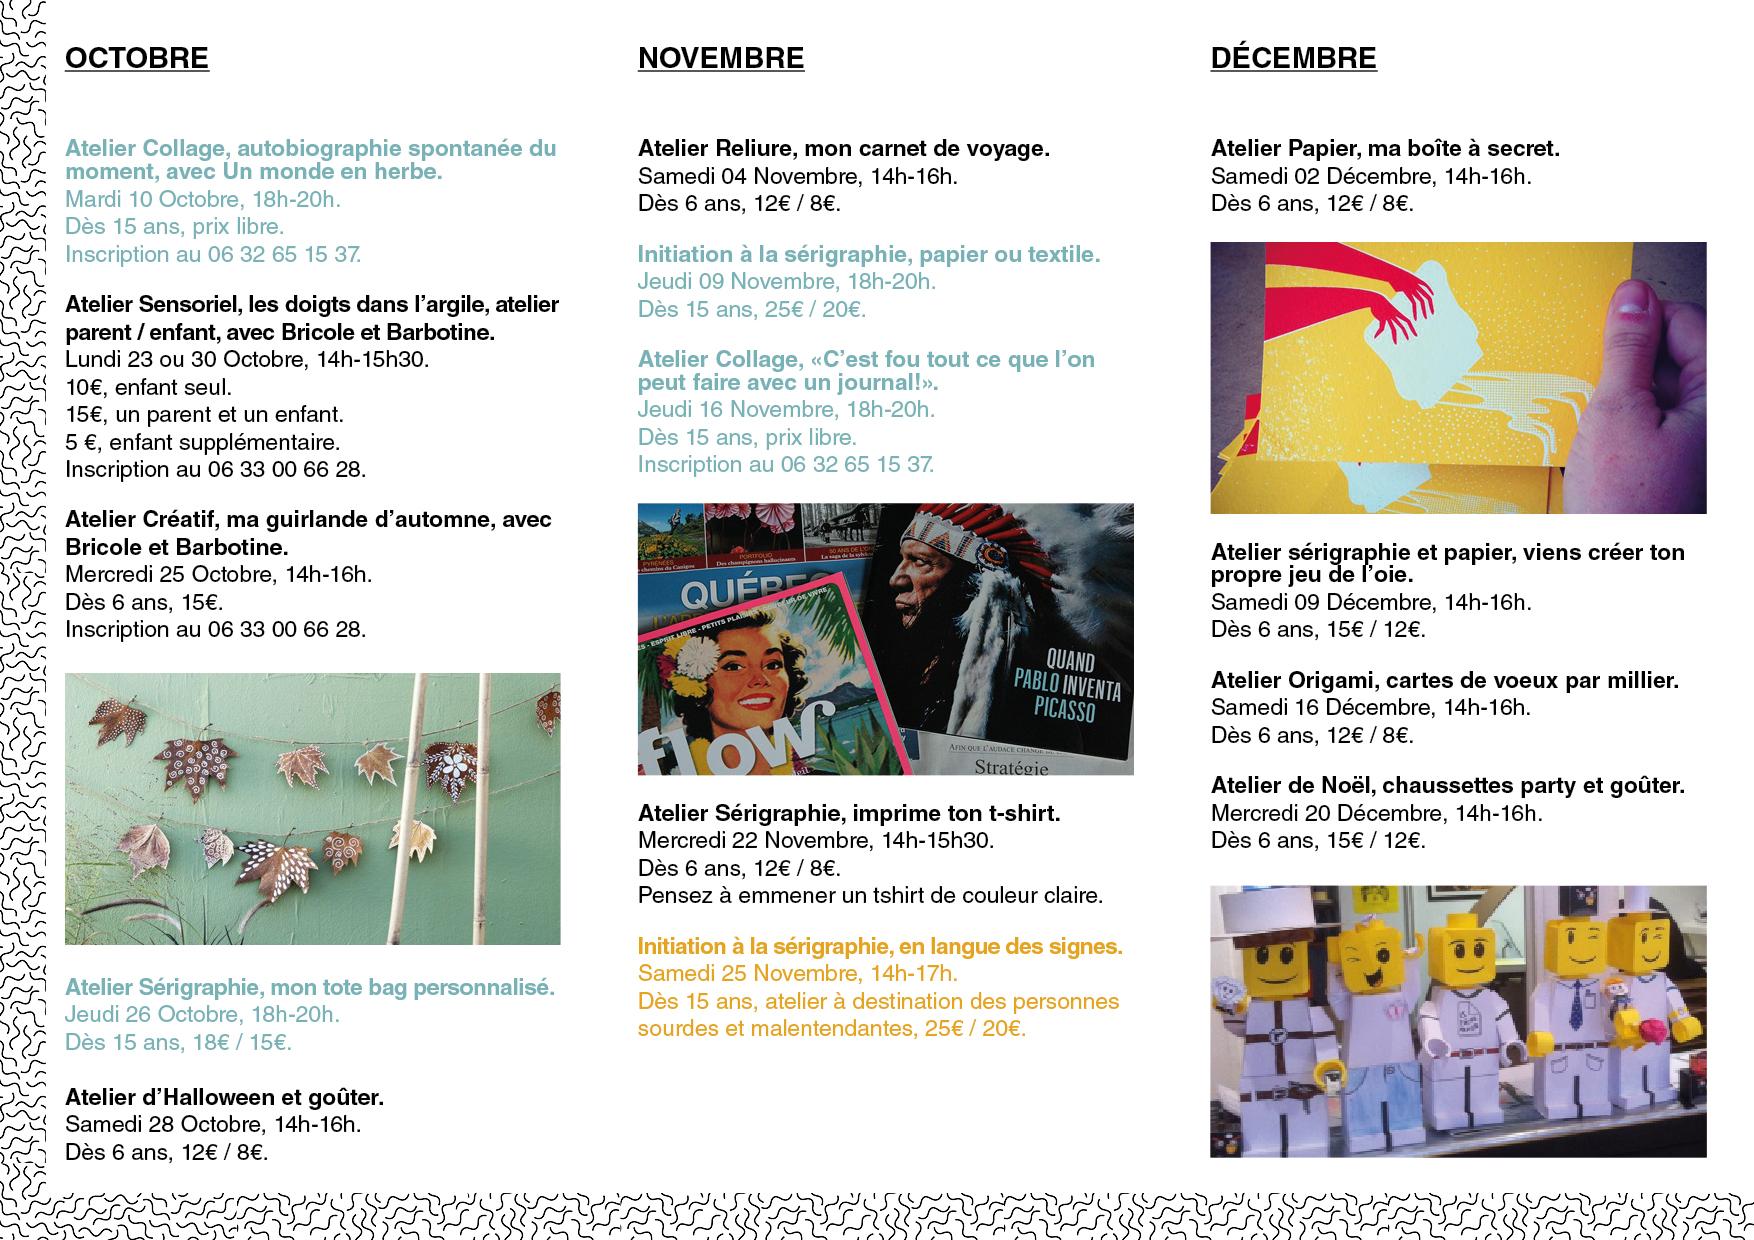 activités ateliers programme octobre novembre décembre